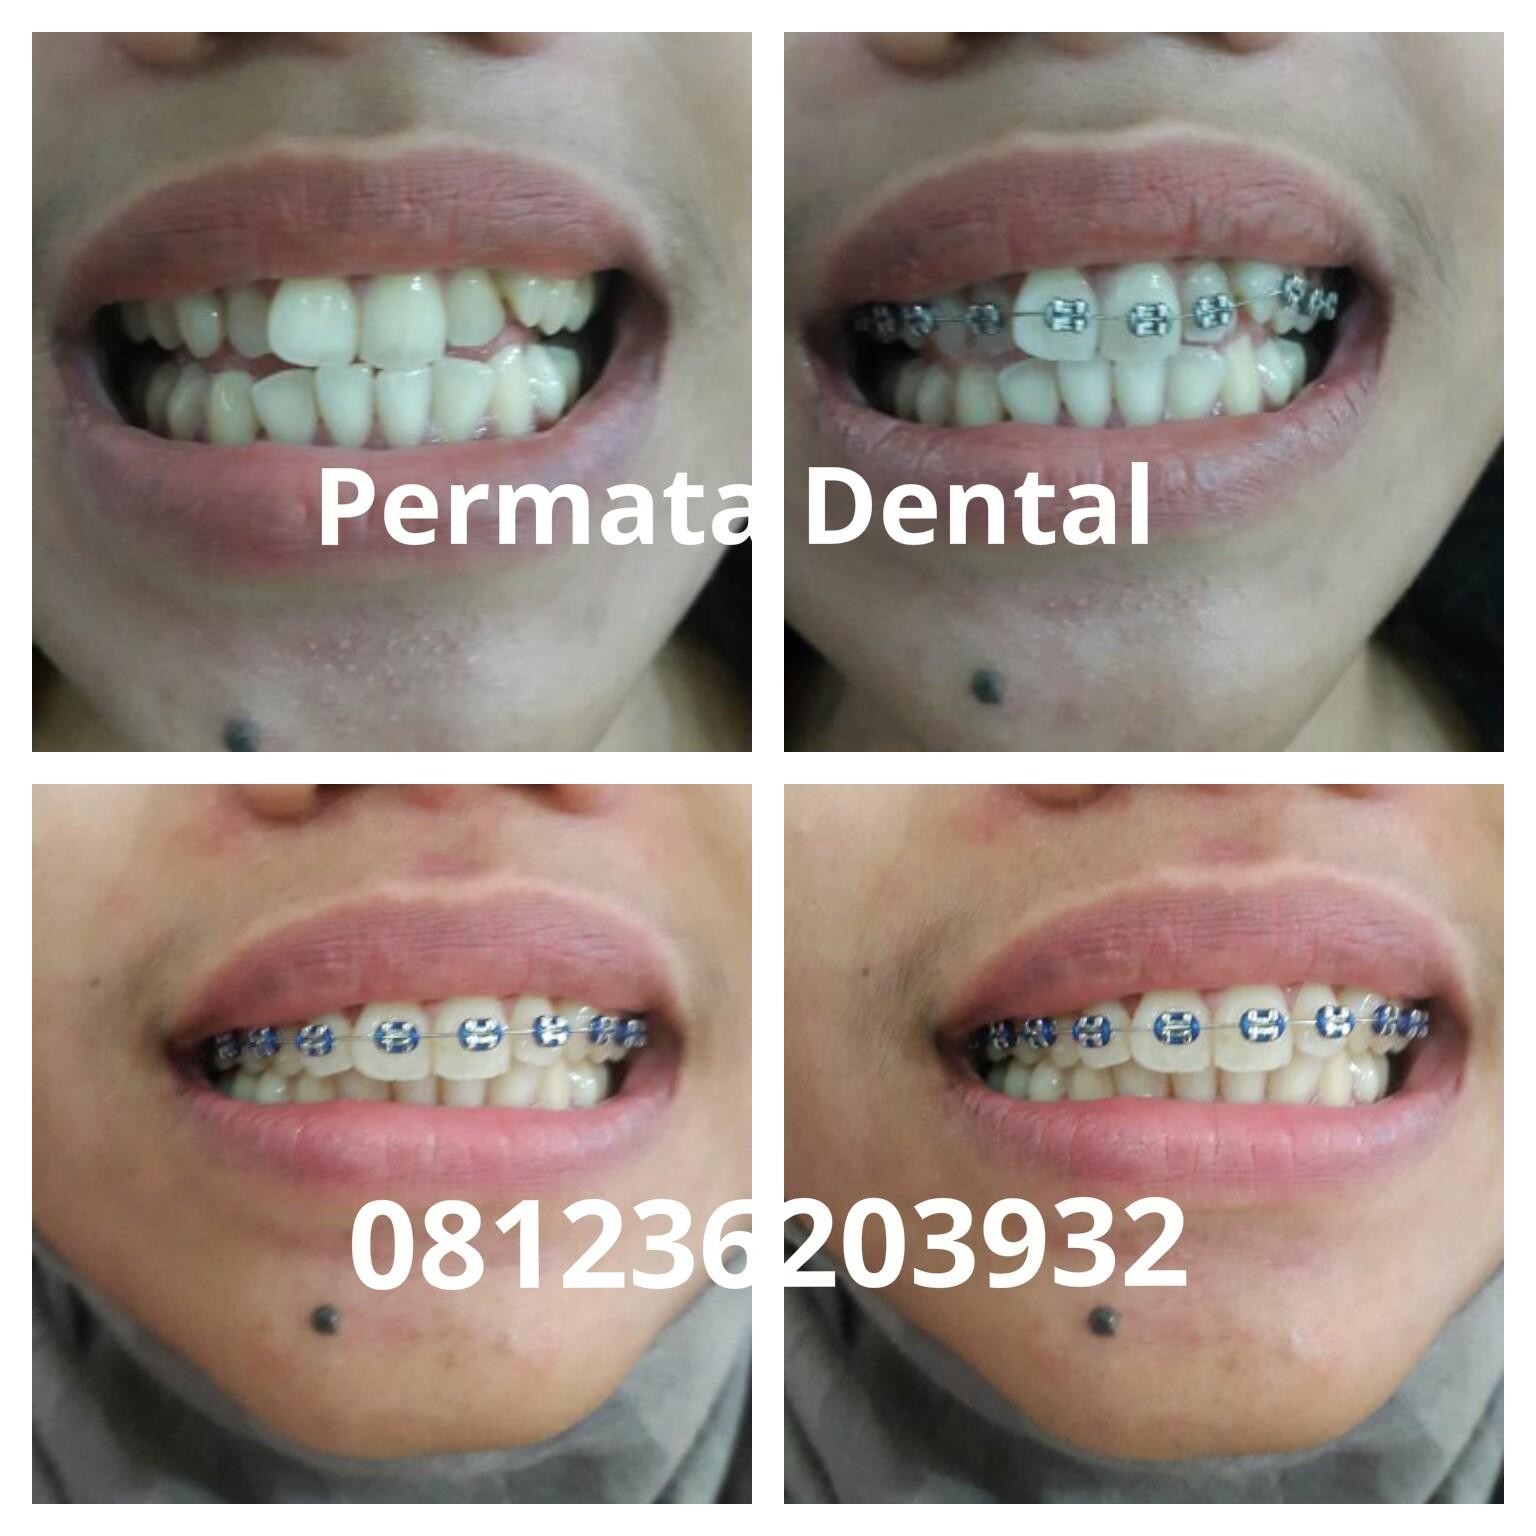 Behel Gigi Best Buy Indonesia Orthodentic Retainer Teeth Trainer Alignment Merapikan Pasang Jember Banyuwangi Bondowoso